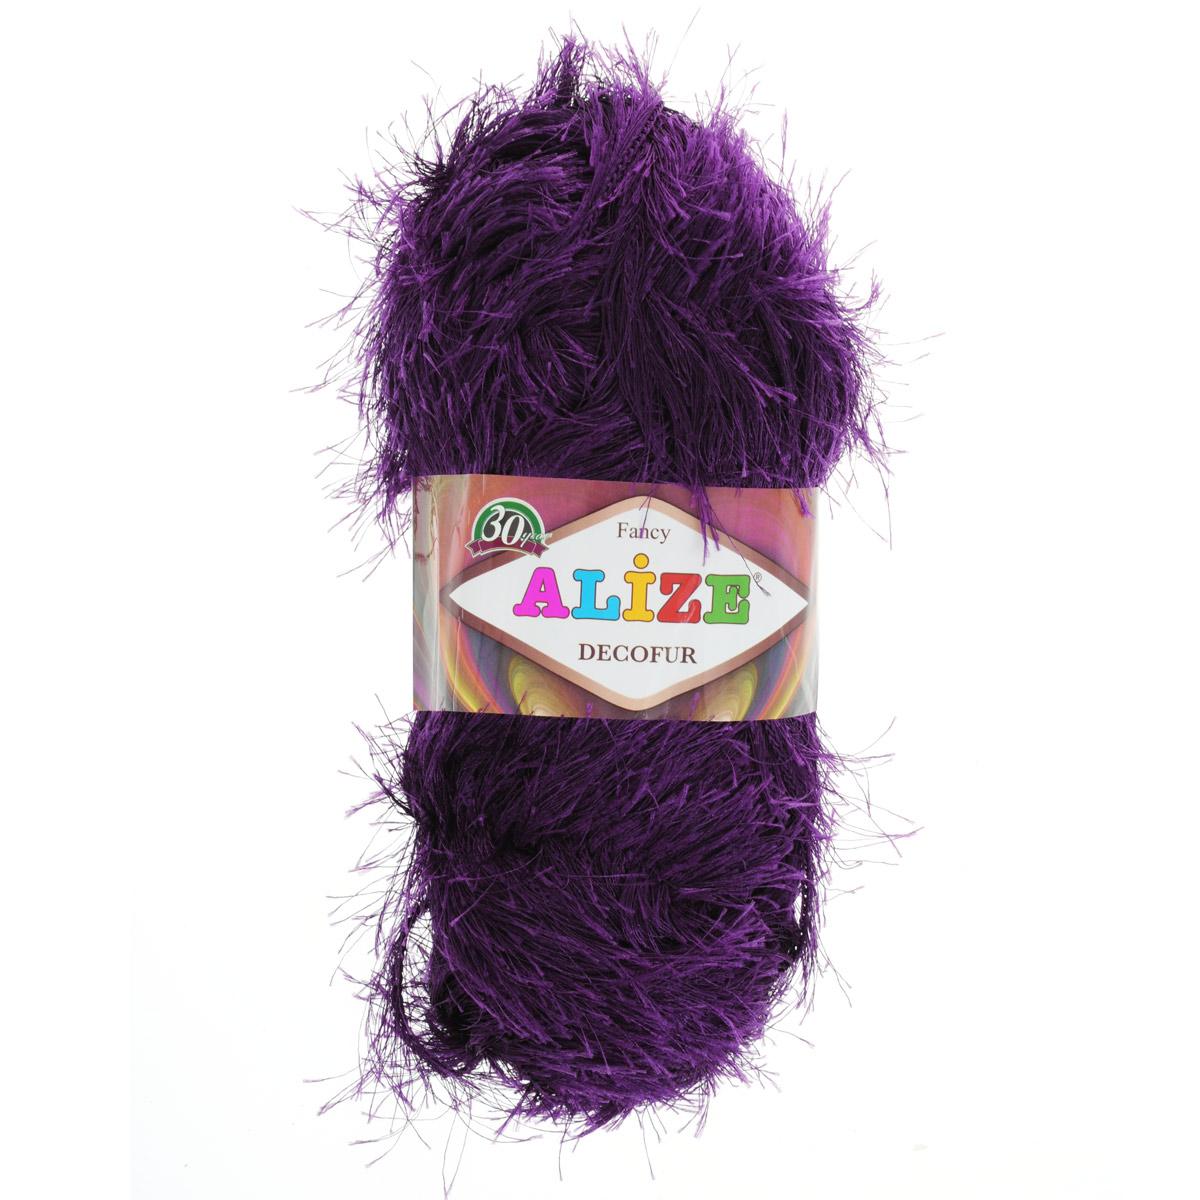 Пряжа для вязания Alize Decofur, цвет: фиолетовый (304), 110 м, 100 г, 5 шт364128_304Пряжа для вязания Alize Decofur изготовлена из полиэстера. Пряжа-травка предназначена для ручного вязания и идеально подходит для отделки. Готовый ворс получается равным 4 см. Рекомендованные спицы для вязания 6-8 мм. Рекомендованный крючок для вязания 3-4 мм. Комплектация: 5 мотков. Состав: 100% полиэстер.